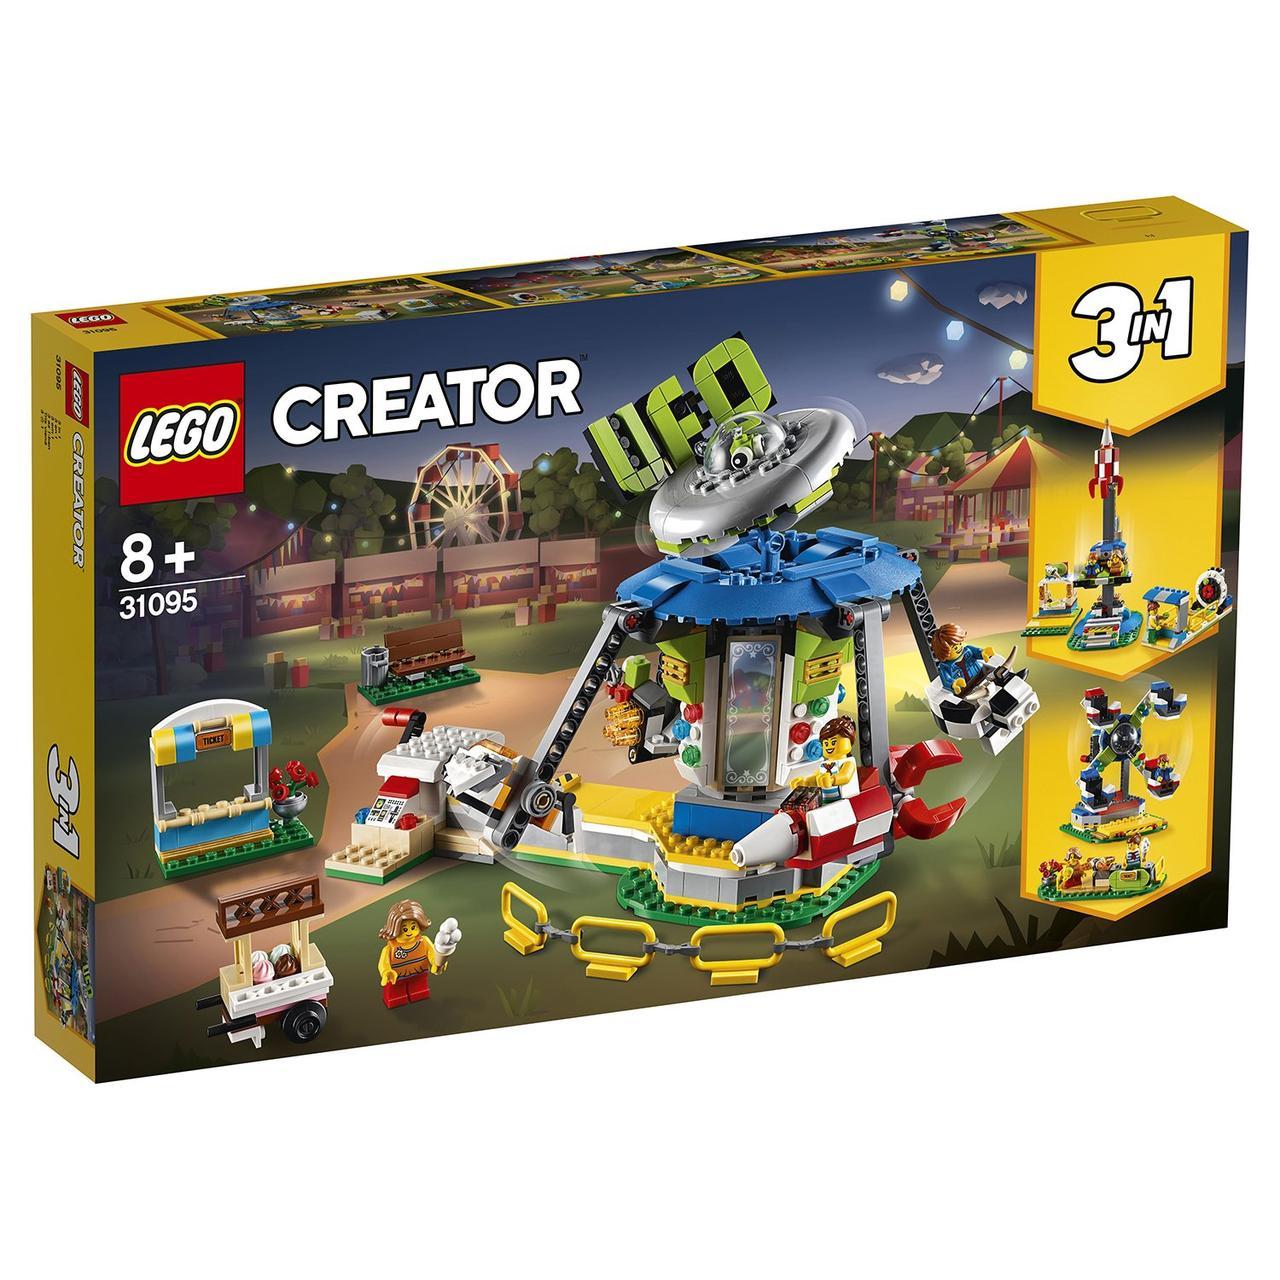 31095 Lego Creator Ярмарочная карусель, Лего Криэйтор